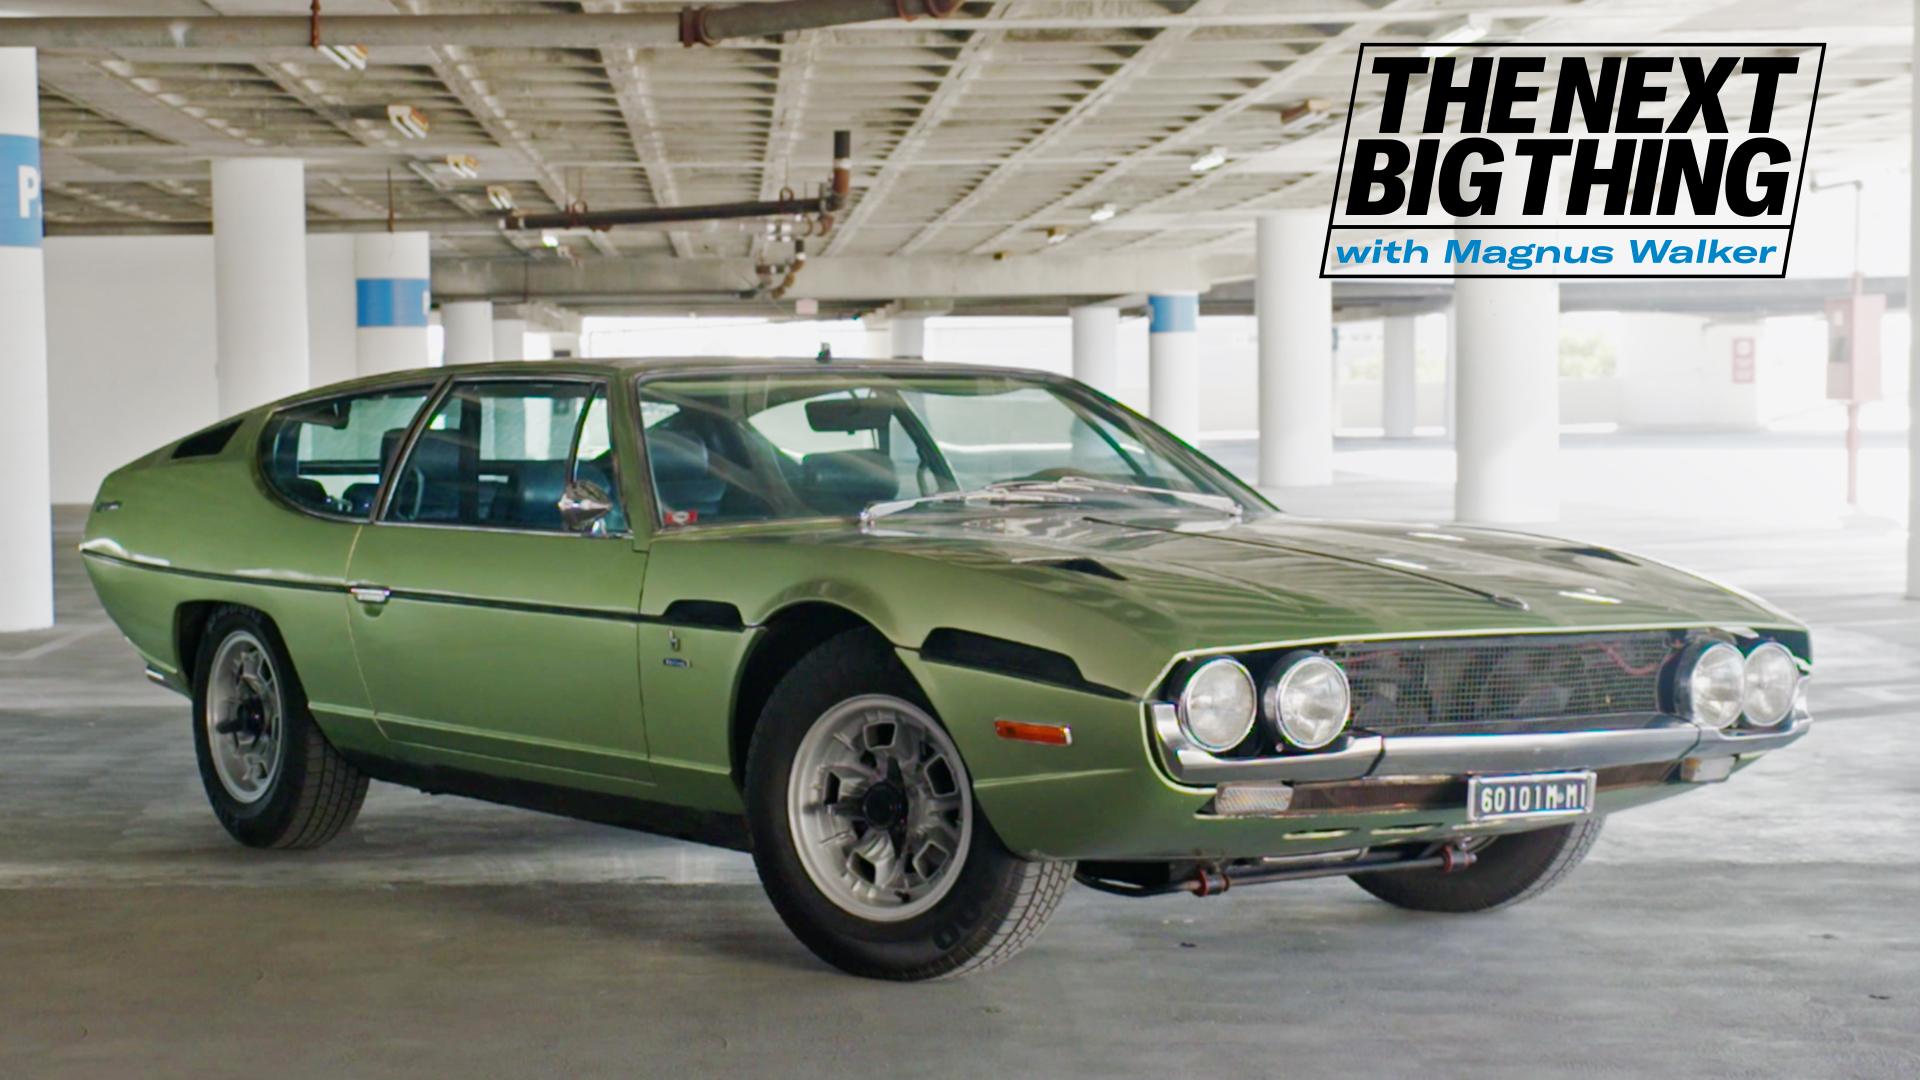 The Next big thing Lamborghini Espada and Ferrari 308 GT4